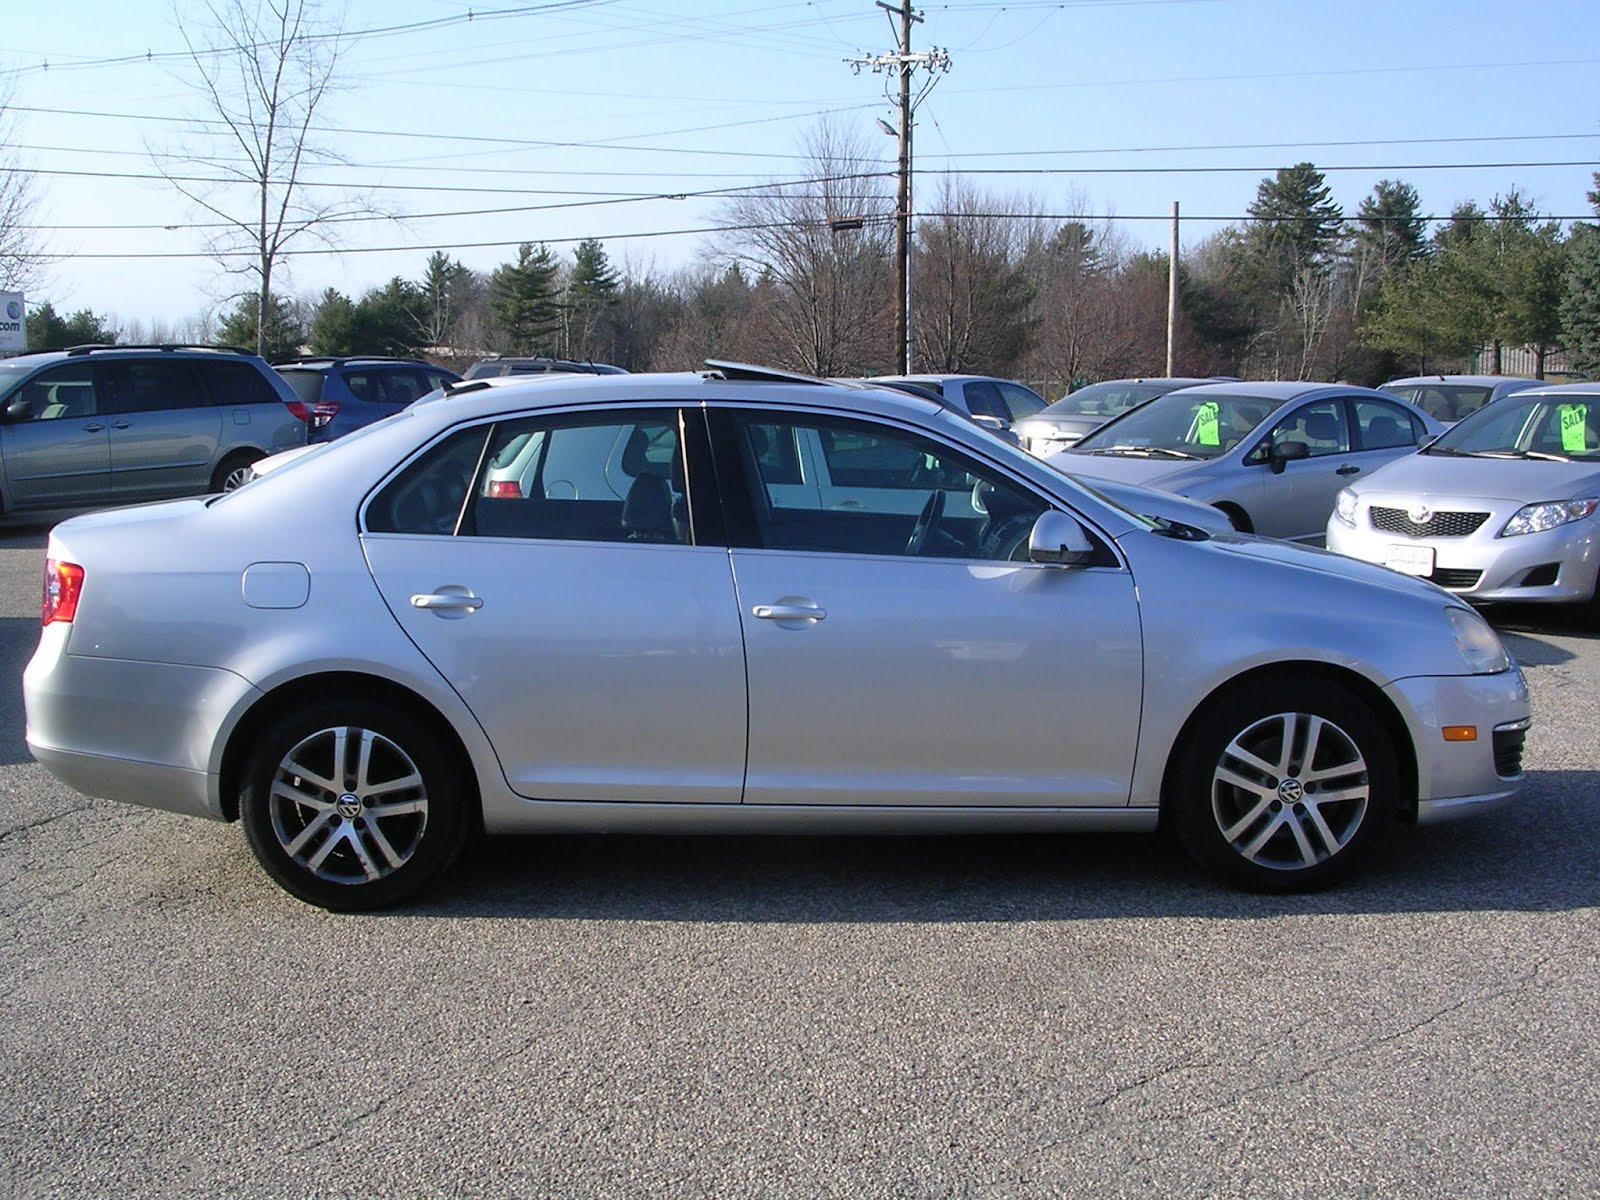 Earthy Cars Blog: EARTHY CAR OF THE WEEK: 2005 Silver Volkswagen Jetta 2.5 Sedan